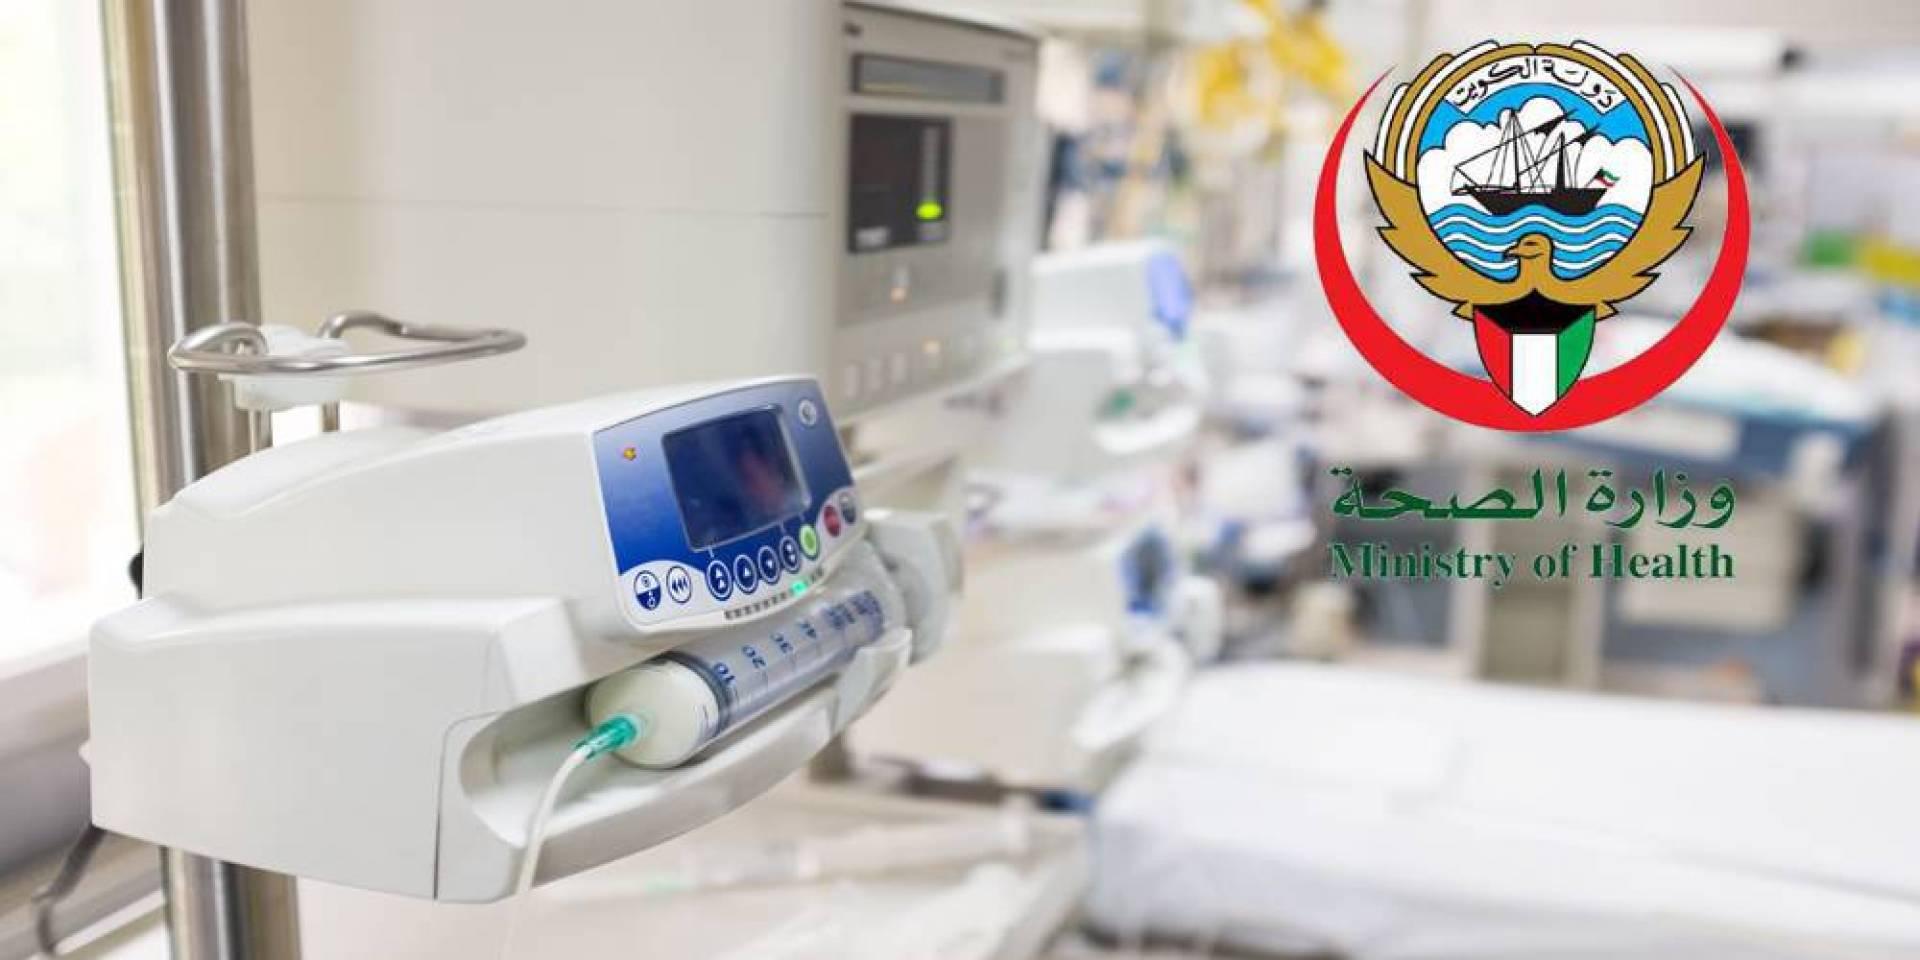 حالات كورونا بالعناية المركزة في الكويت بلغت أقل مستوى منذ مايو